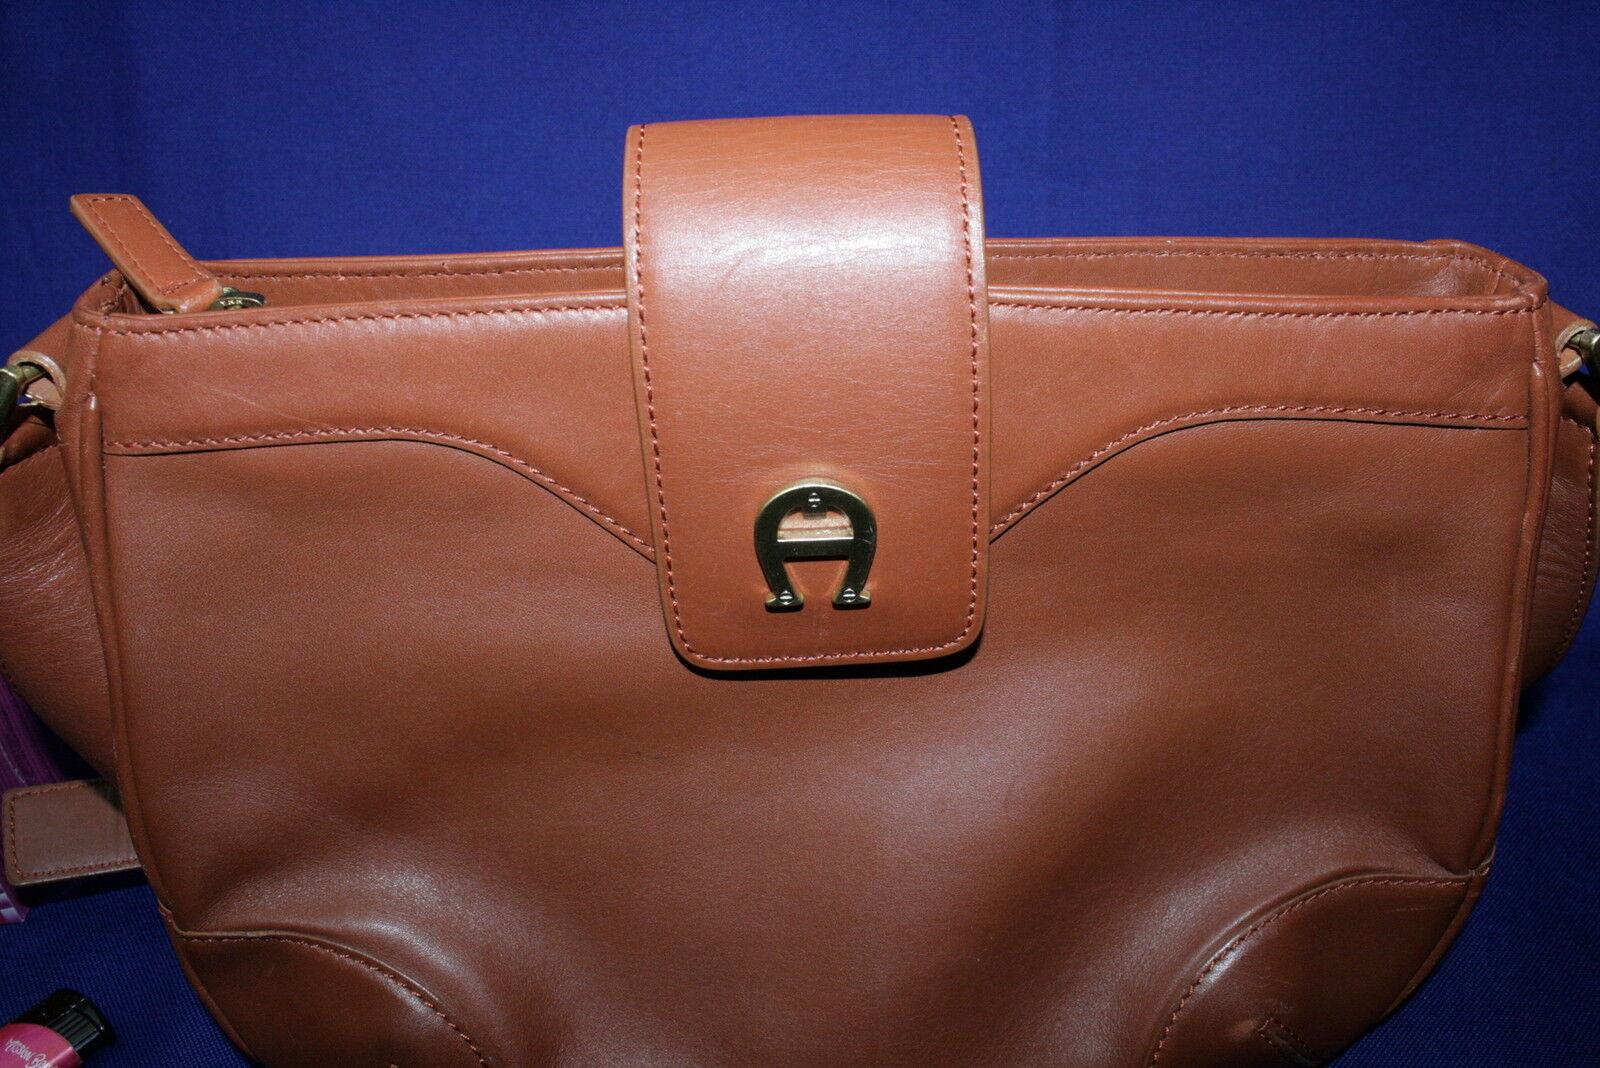 AIGNER Schultertasche  Leder Tasche Tasche Tasche Handtasche Beige  Braun   Kaufen  cbc400